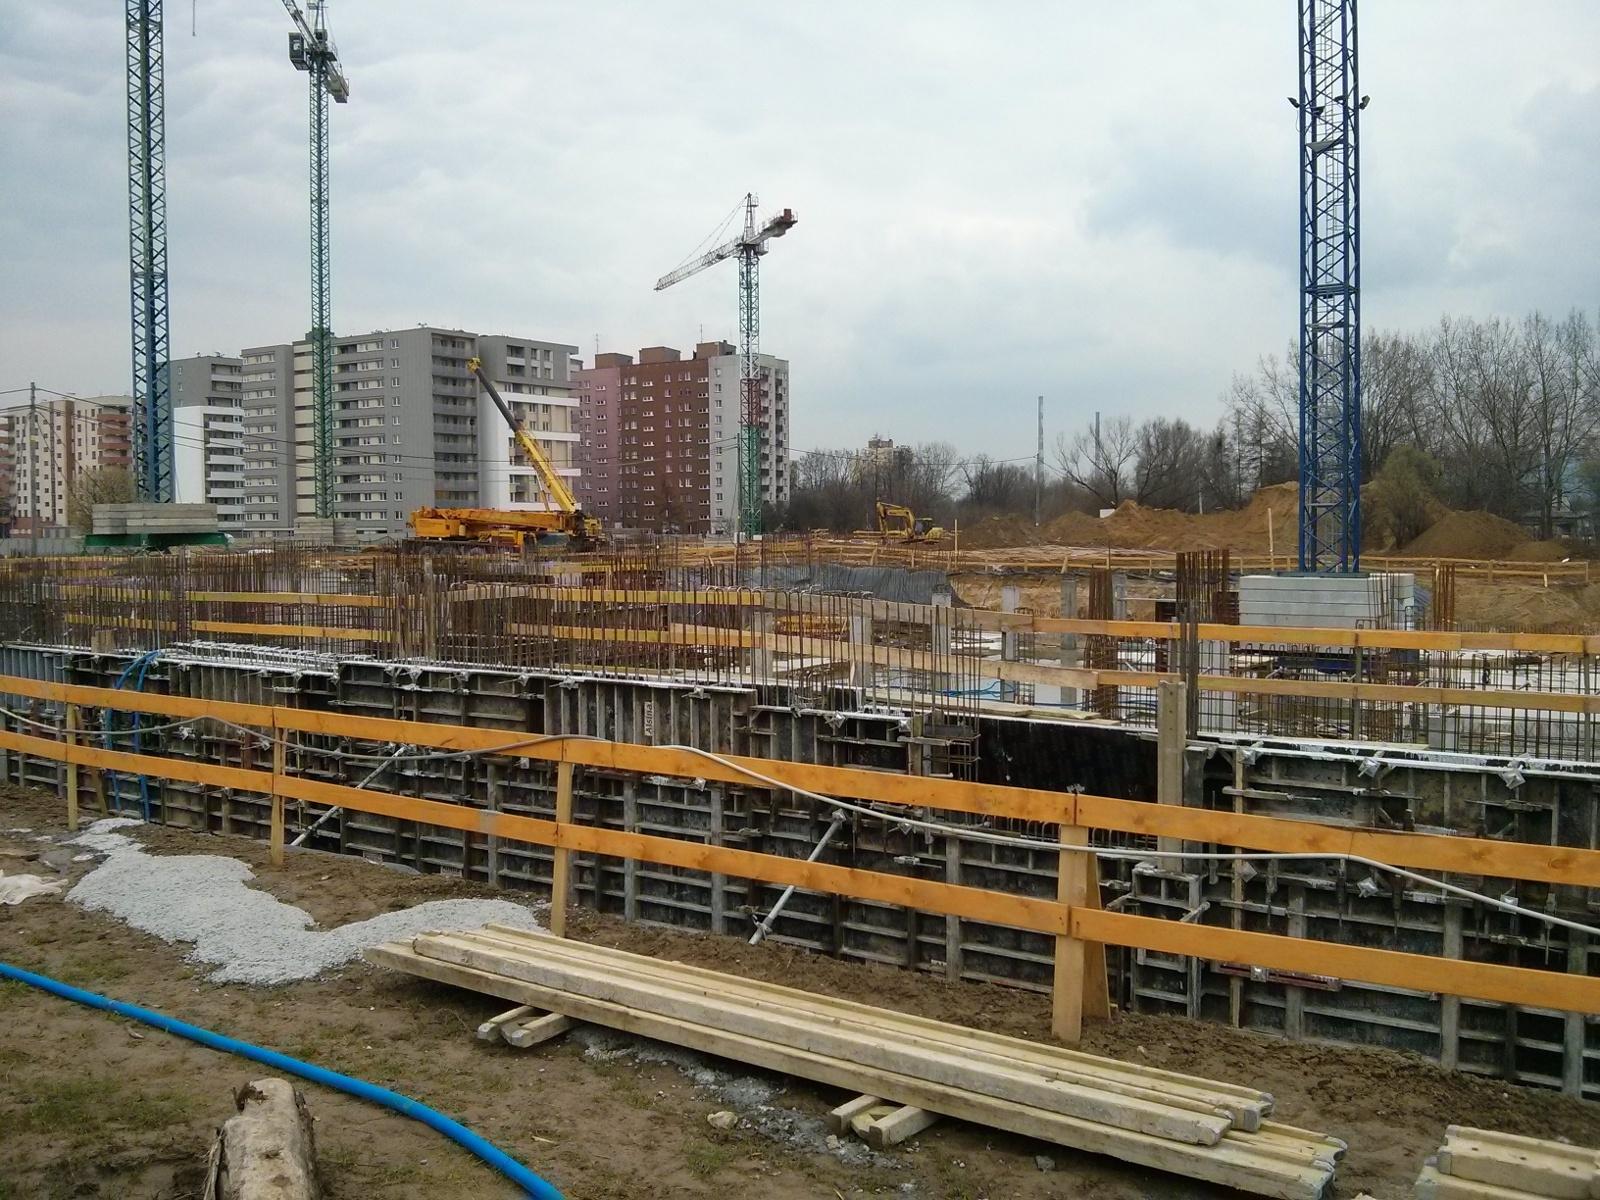 Tanie mieszkania w Krakowie z MdM od Budimexu